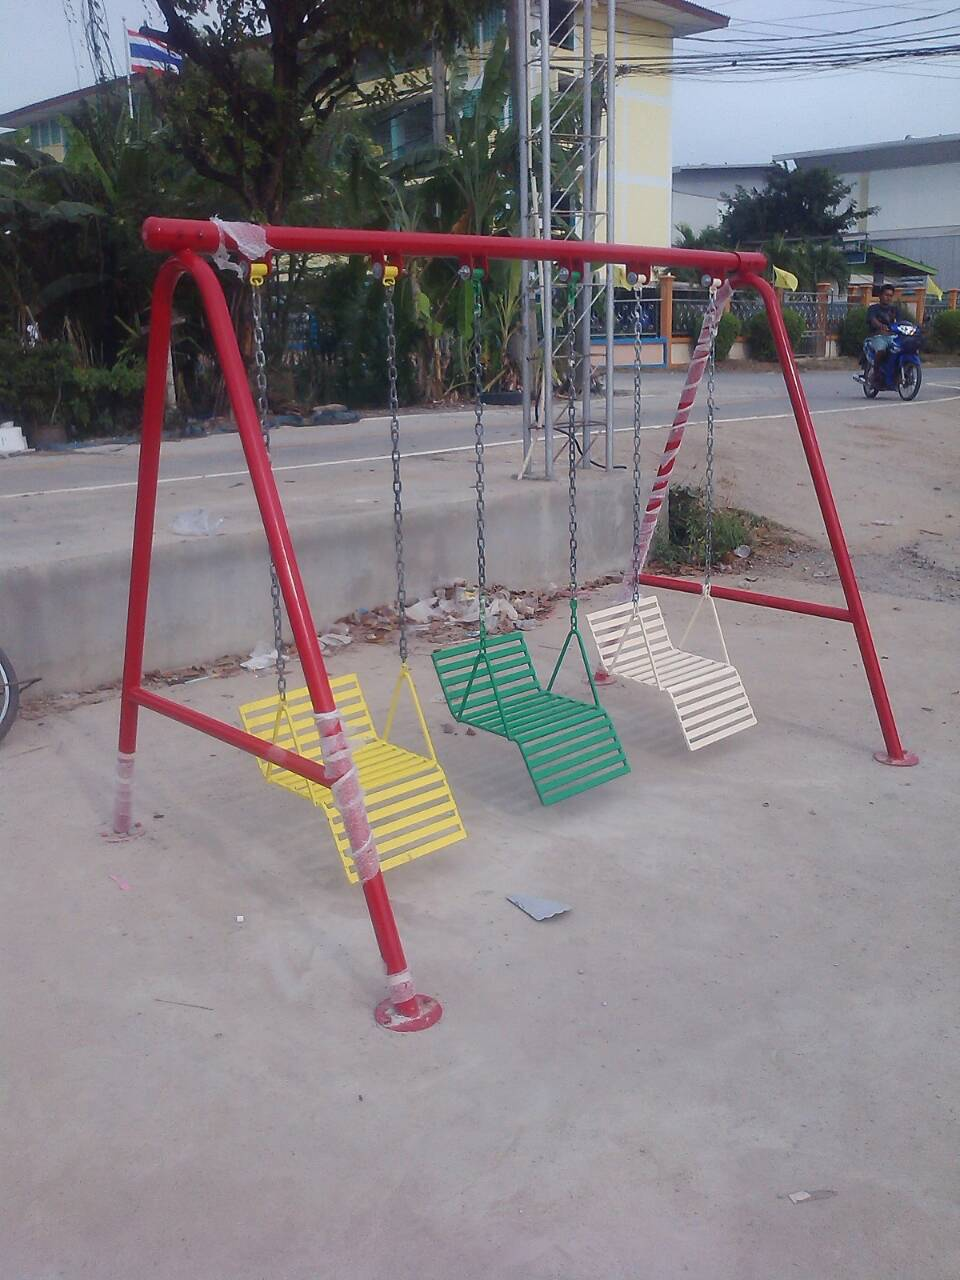 รหัส PG ผลงานติดตั้ง (สุเหร่าแสงประทีป จ.นนทบุรี) เครื่องเล่นสนามกลางแจ้งสำหรับเด็ก